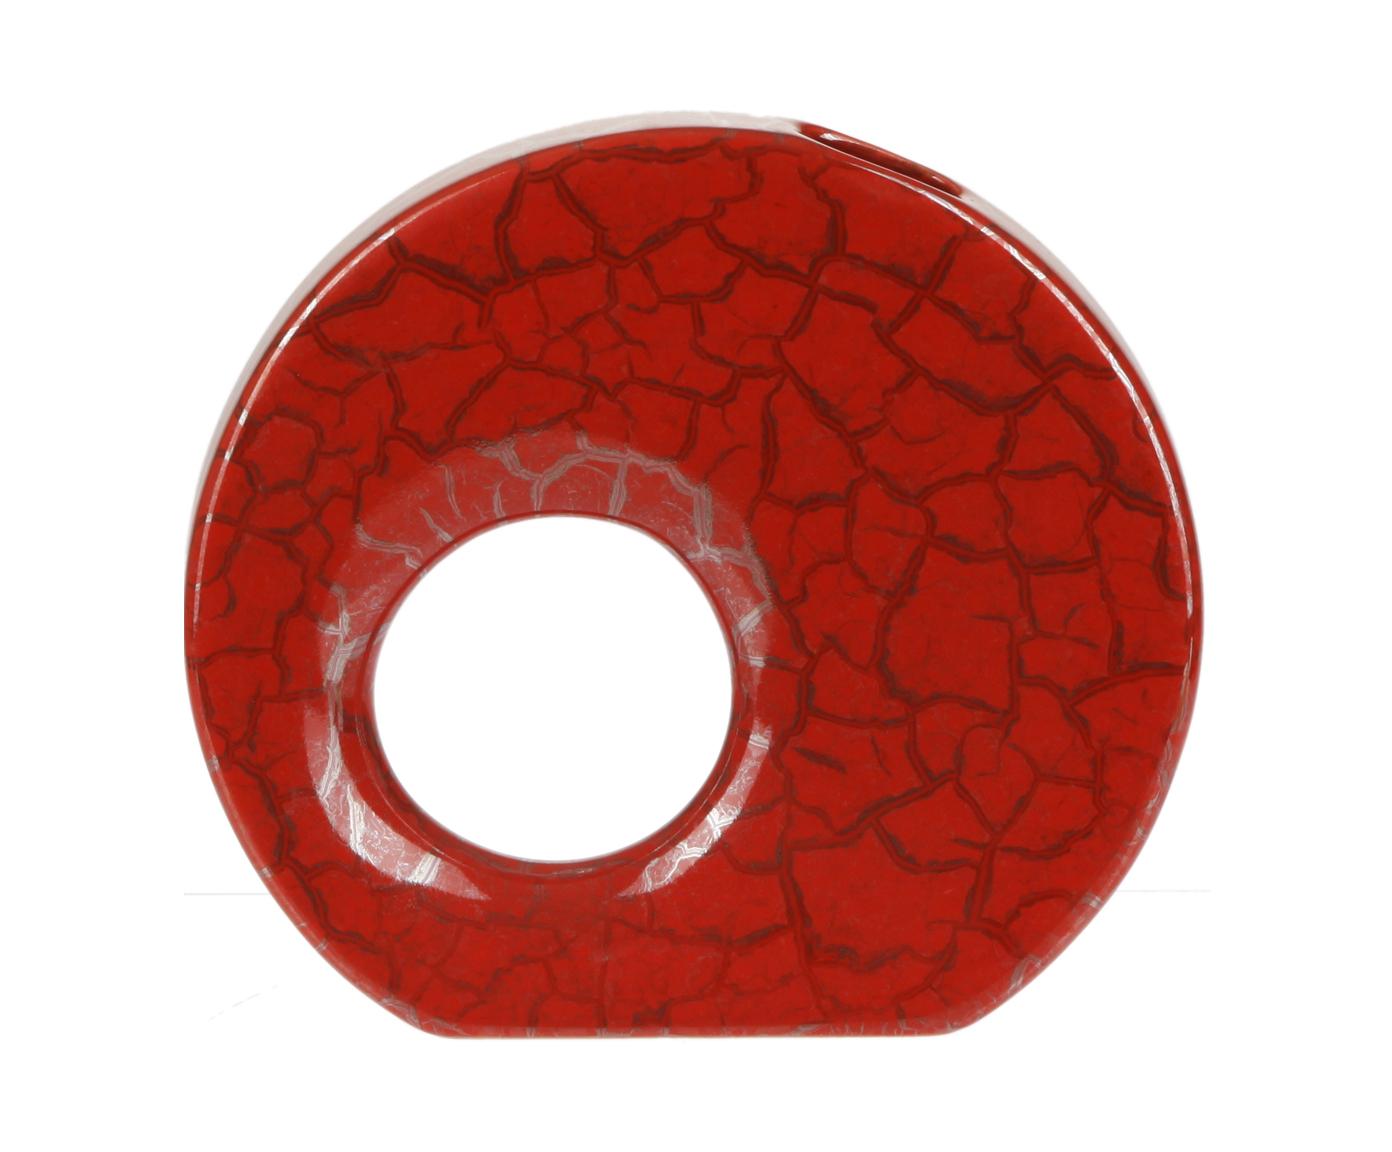 Вазы настольные Элитная ваза декоративная Red Passion круглая средняя от Sporvil elitnaya-vaza-dekorativnaya-red-passion-kruglaya-ot-sporvil-portugaliya.jpg